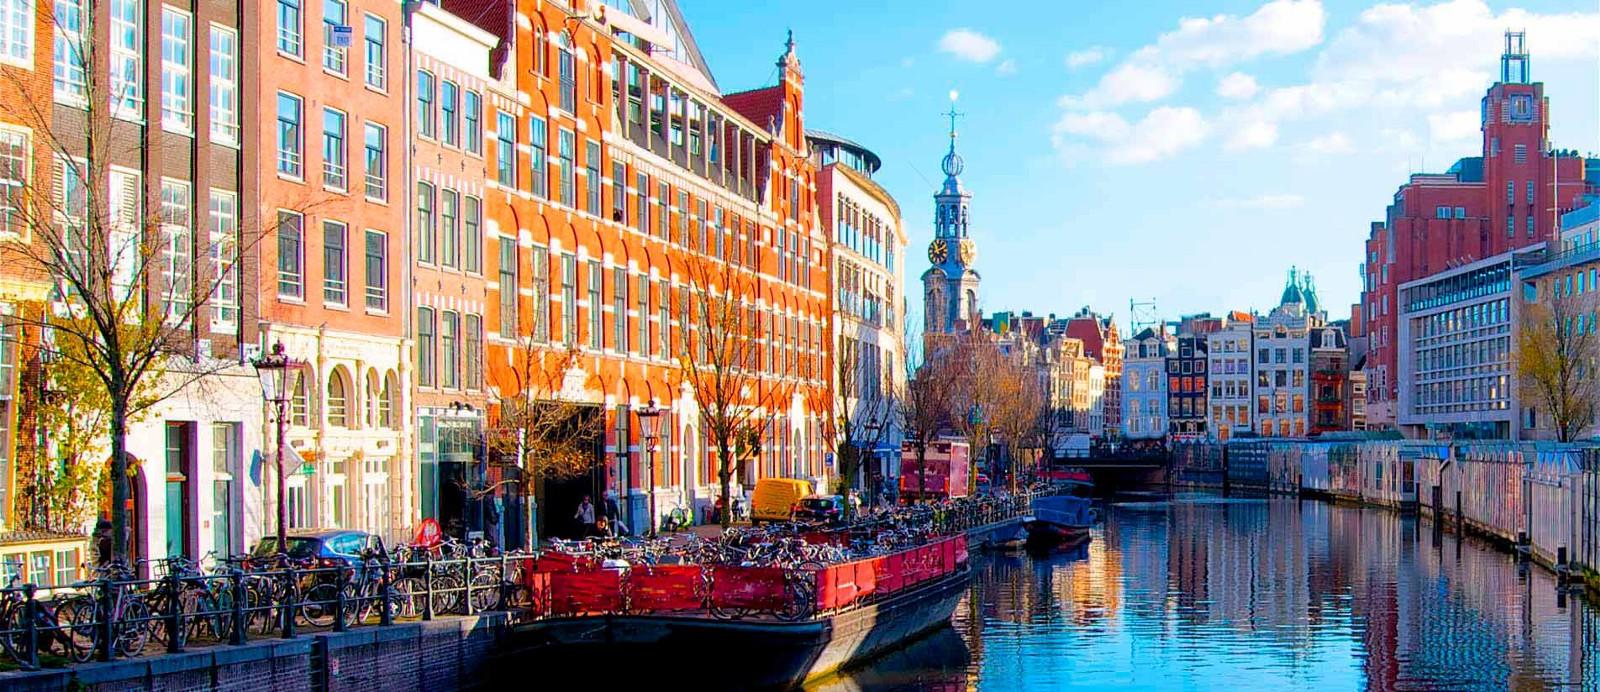 Высшее образование в Нидерландах — Teletype